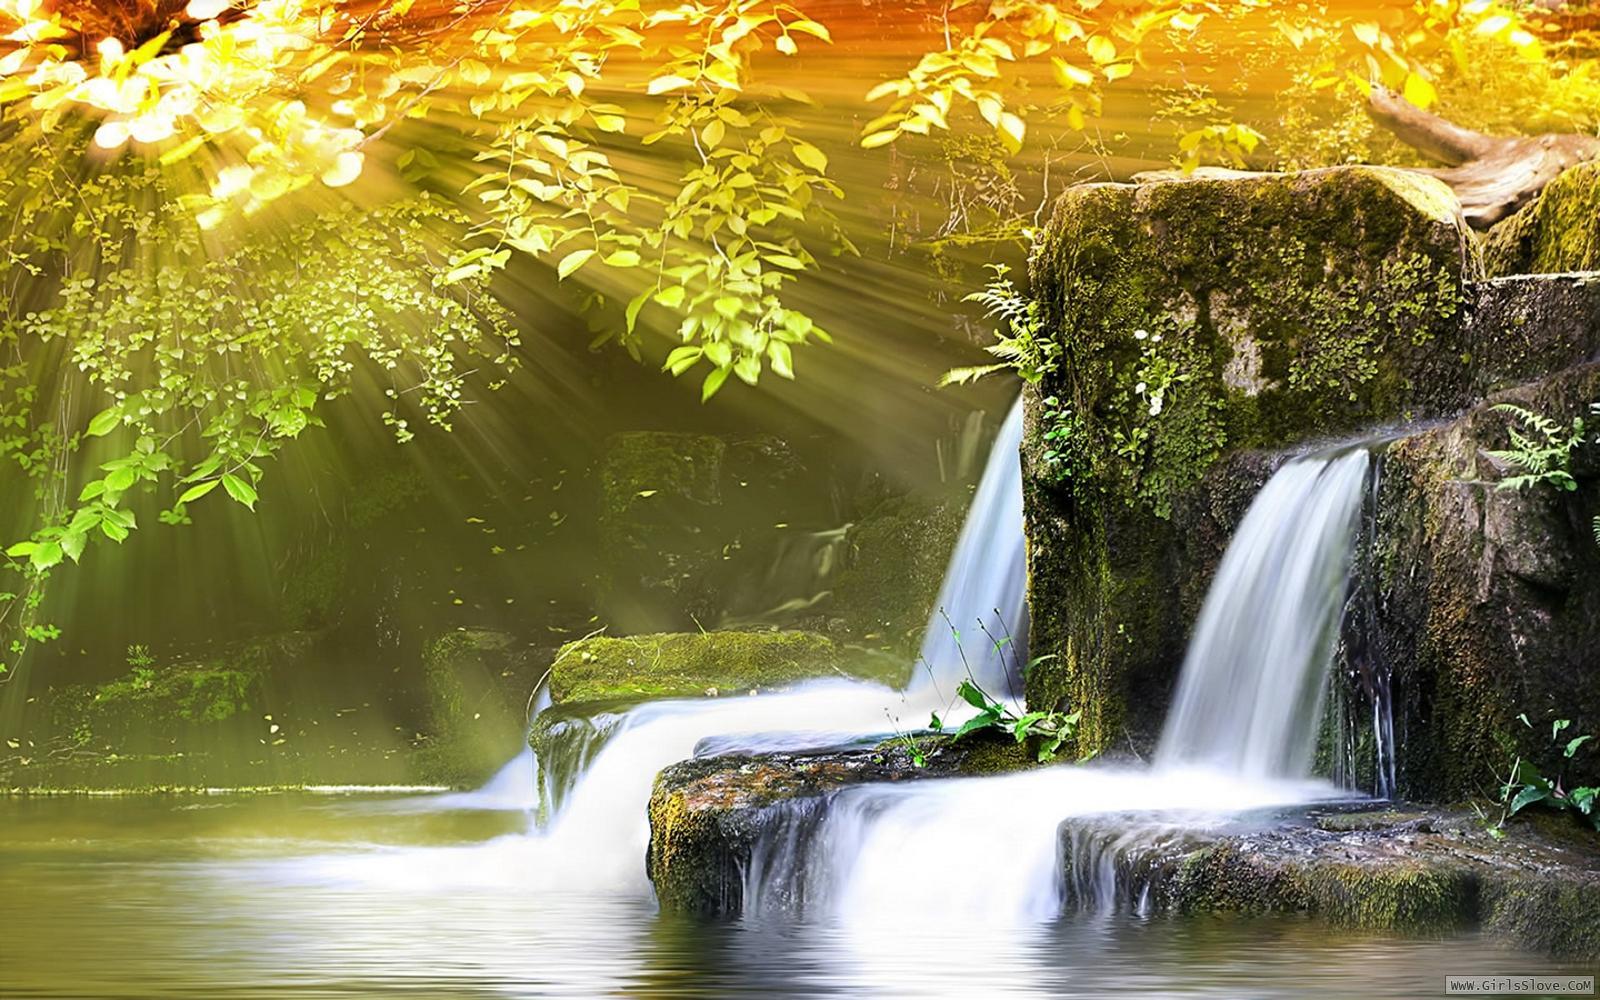 بالصور اجمل المناظر الطبيعيه , تشكيله من المناظر الطبيعيه الخلابه 6941